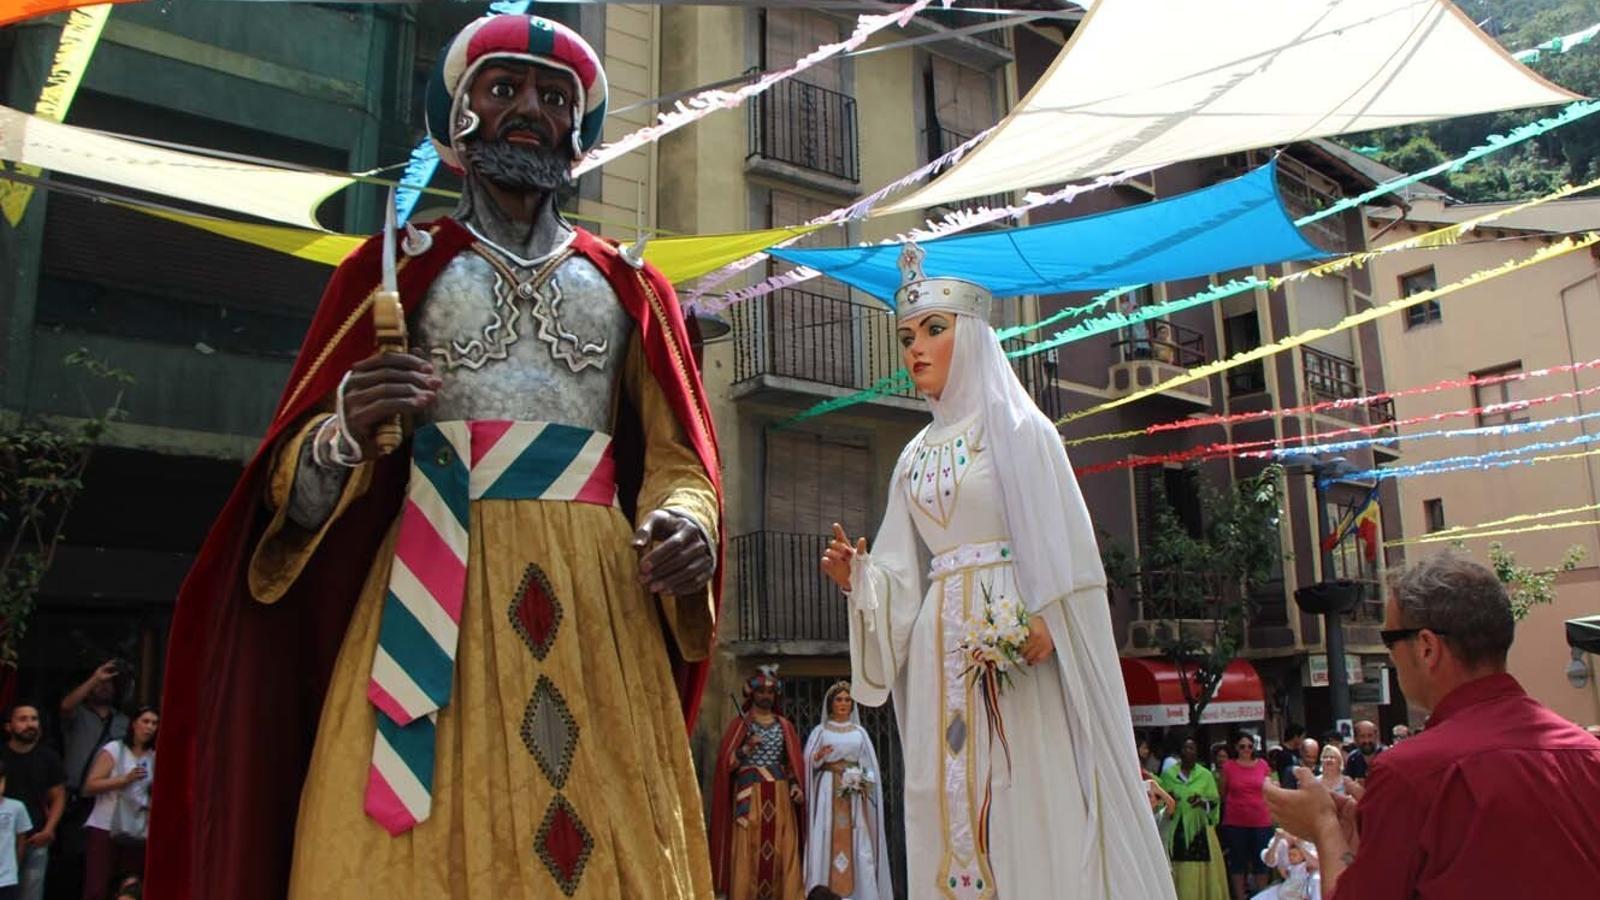 Ball de gegants de Sant Julià de Lòria, el Rei Moro i la Dama Blanca. / ARXIU ANA